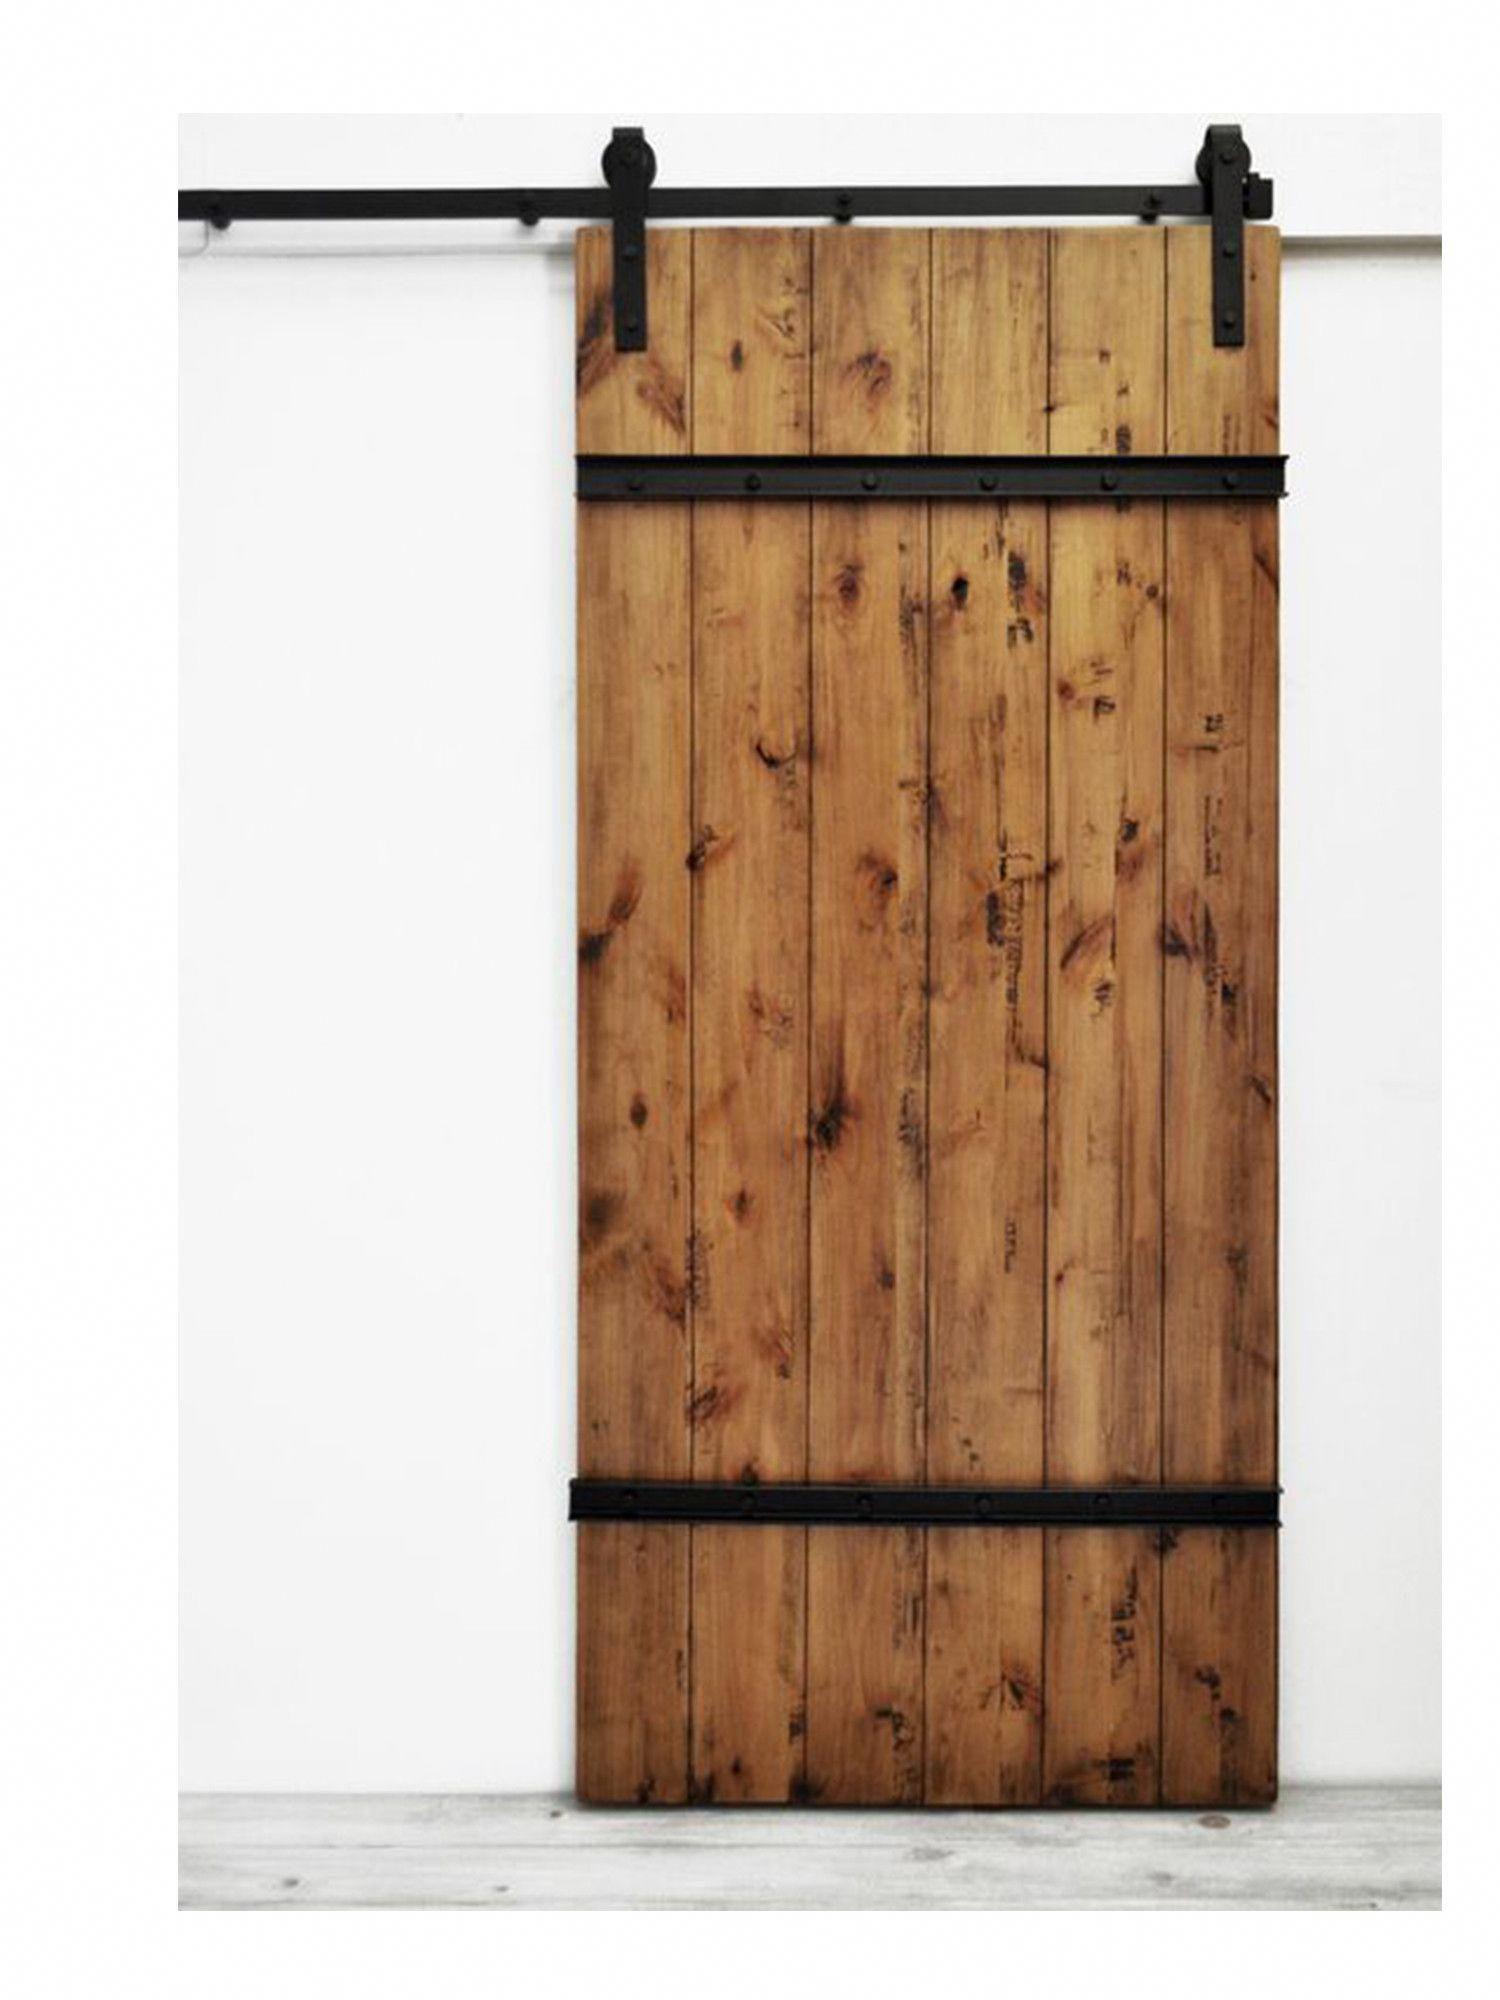 wooden barn doors for sale interior barn doors with hardwarewooden barn doors for sale interior barn doors with hardware barn style double doors 20190115